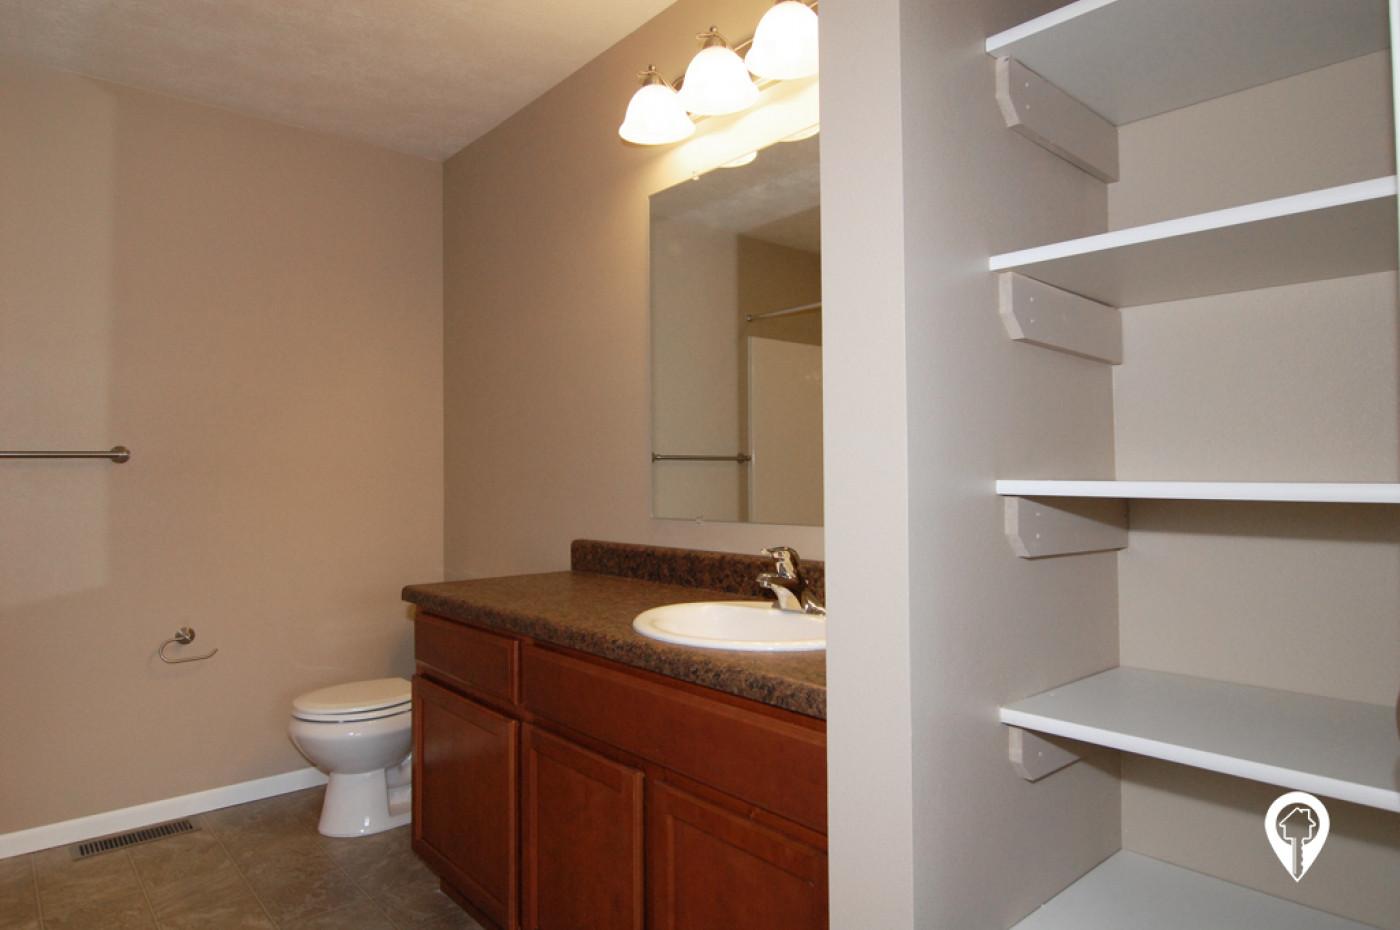 Drexel Place Apartments